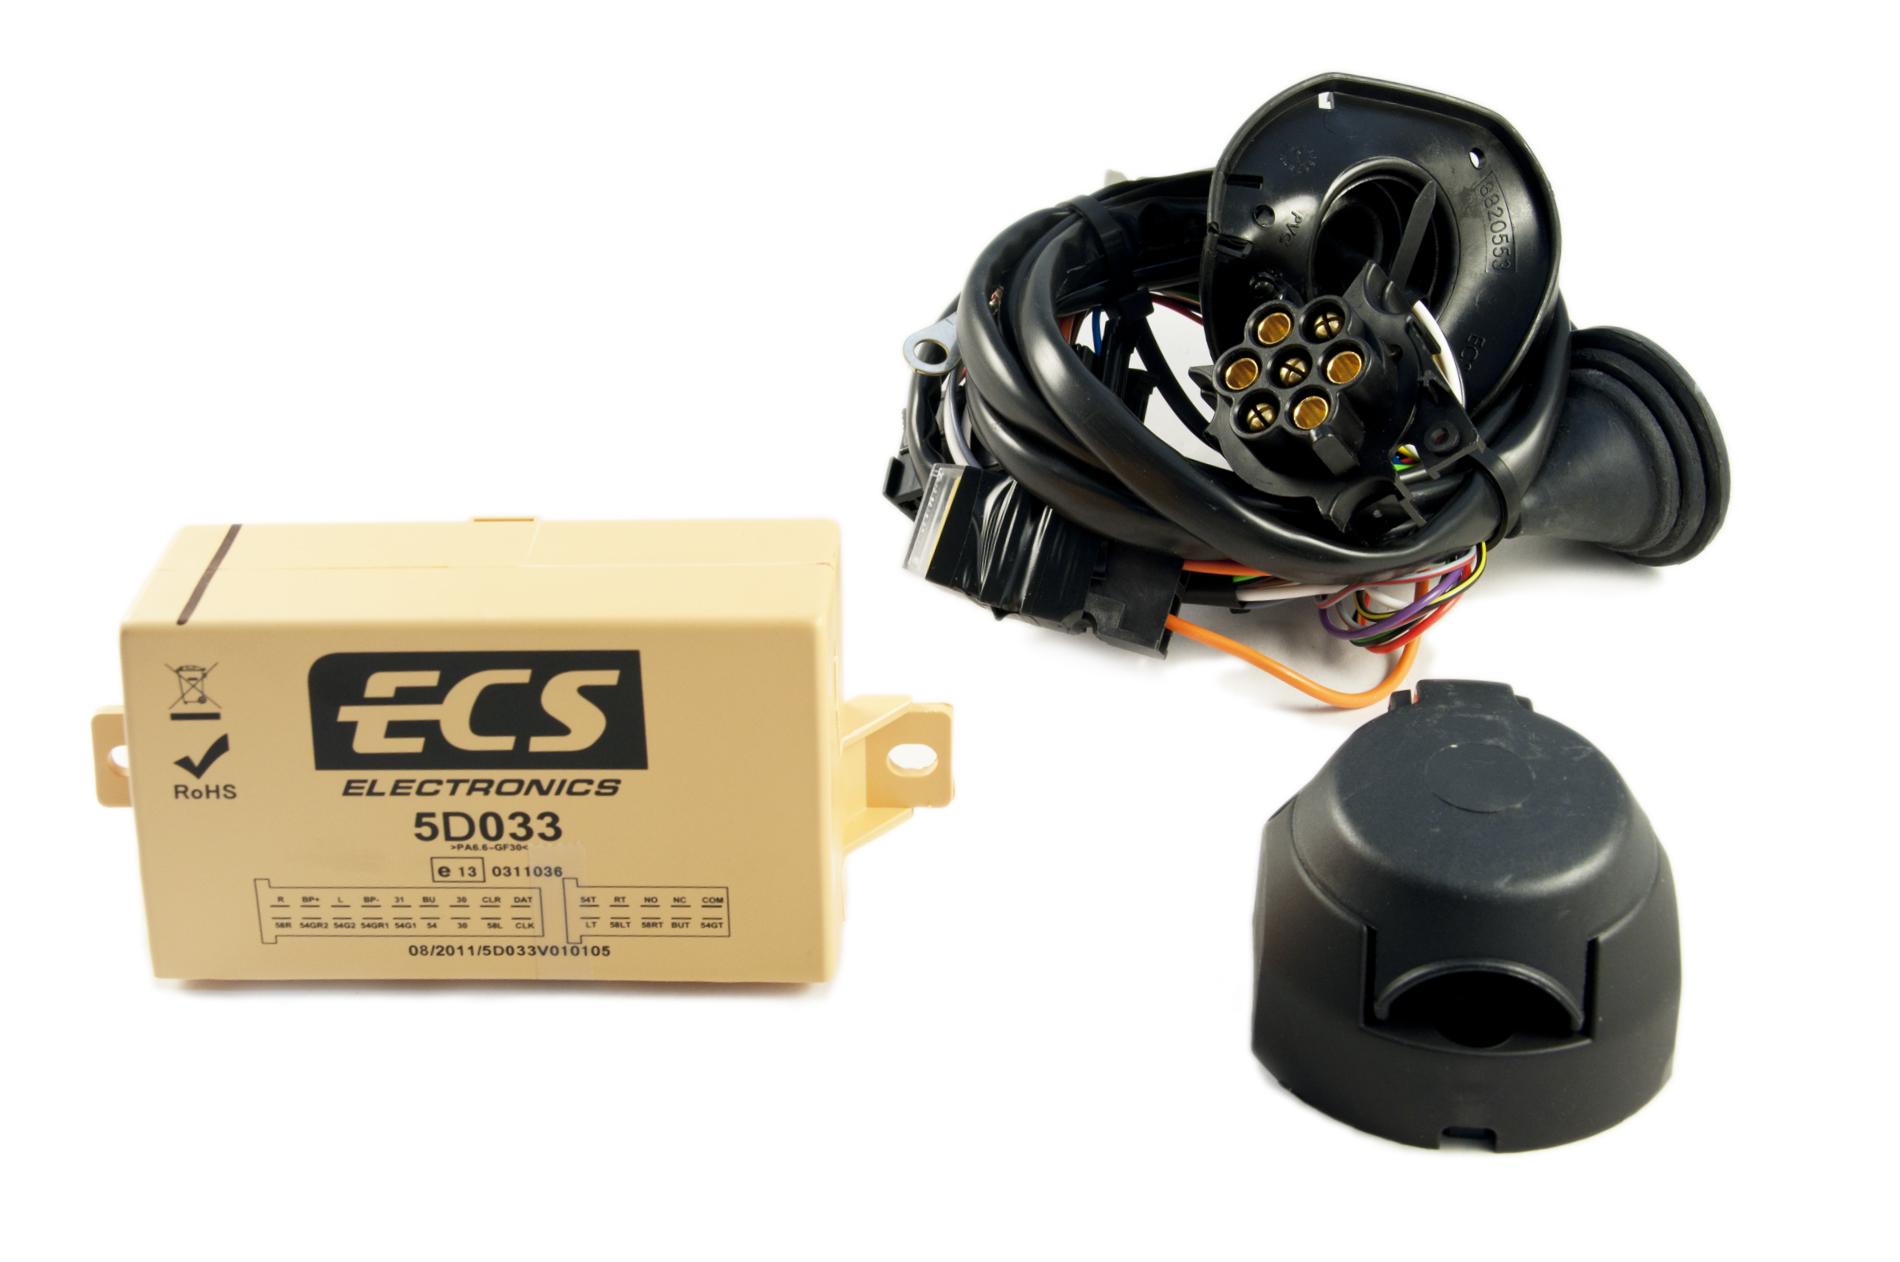 nissan genuine 7 pin towbar hitch trailer towing electric wiring kit ke505jg207 ebay